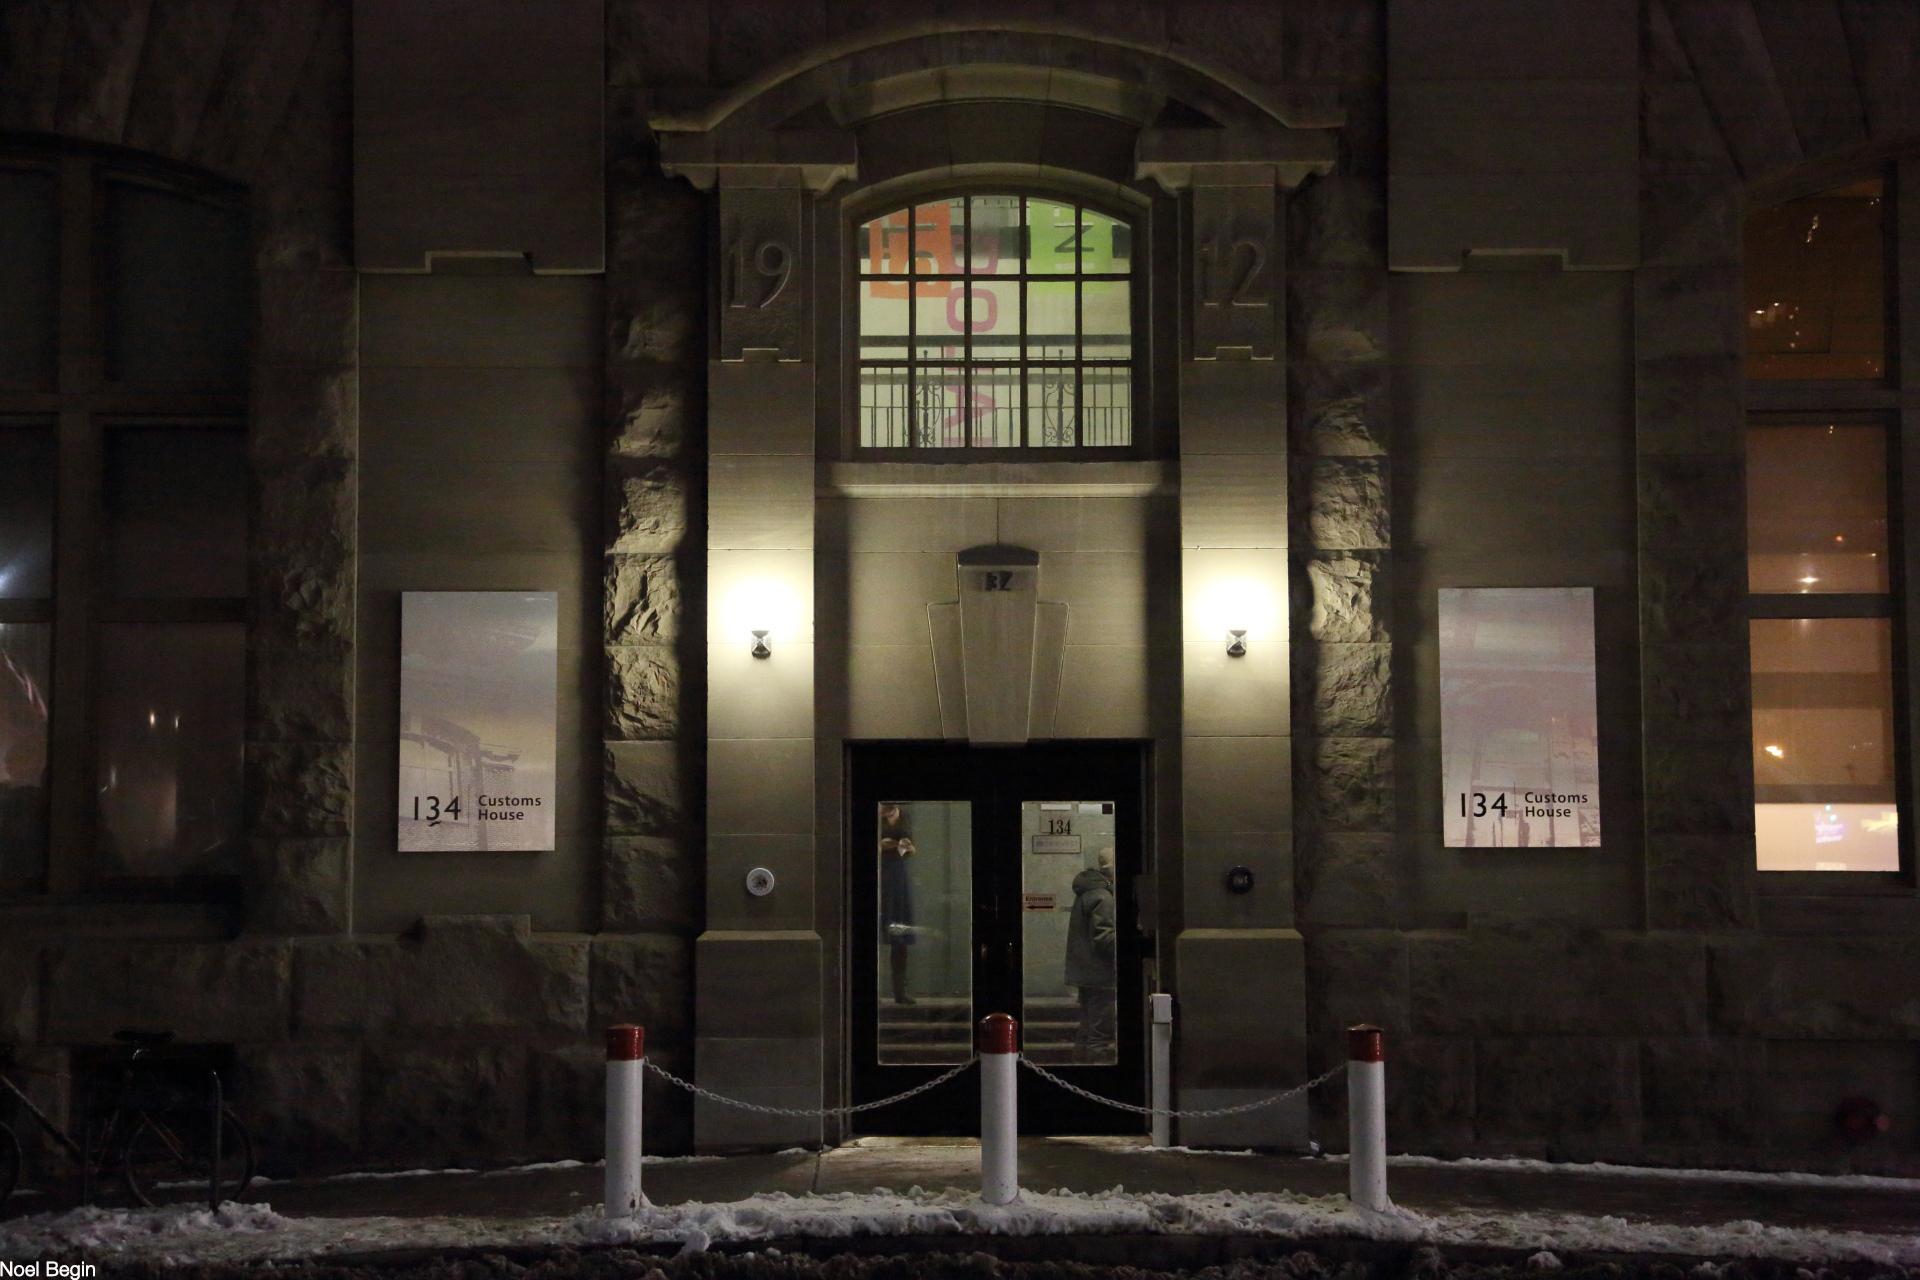 The Customs House, image: Noel Begin